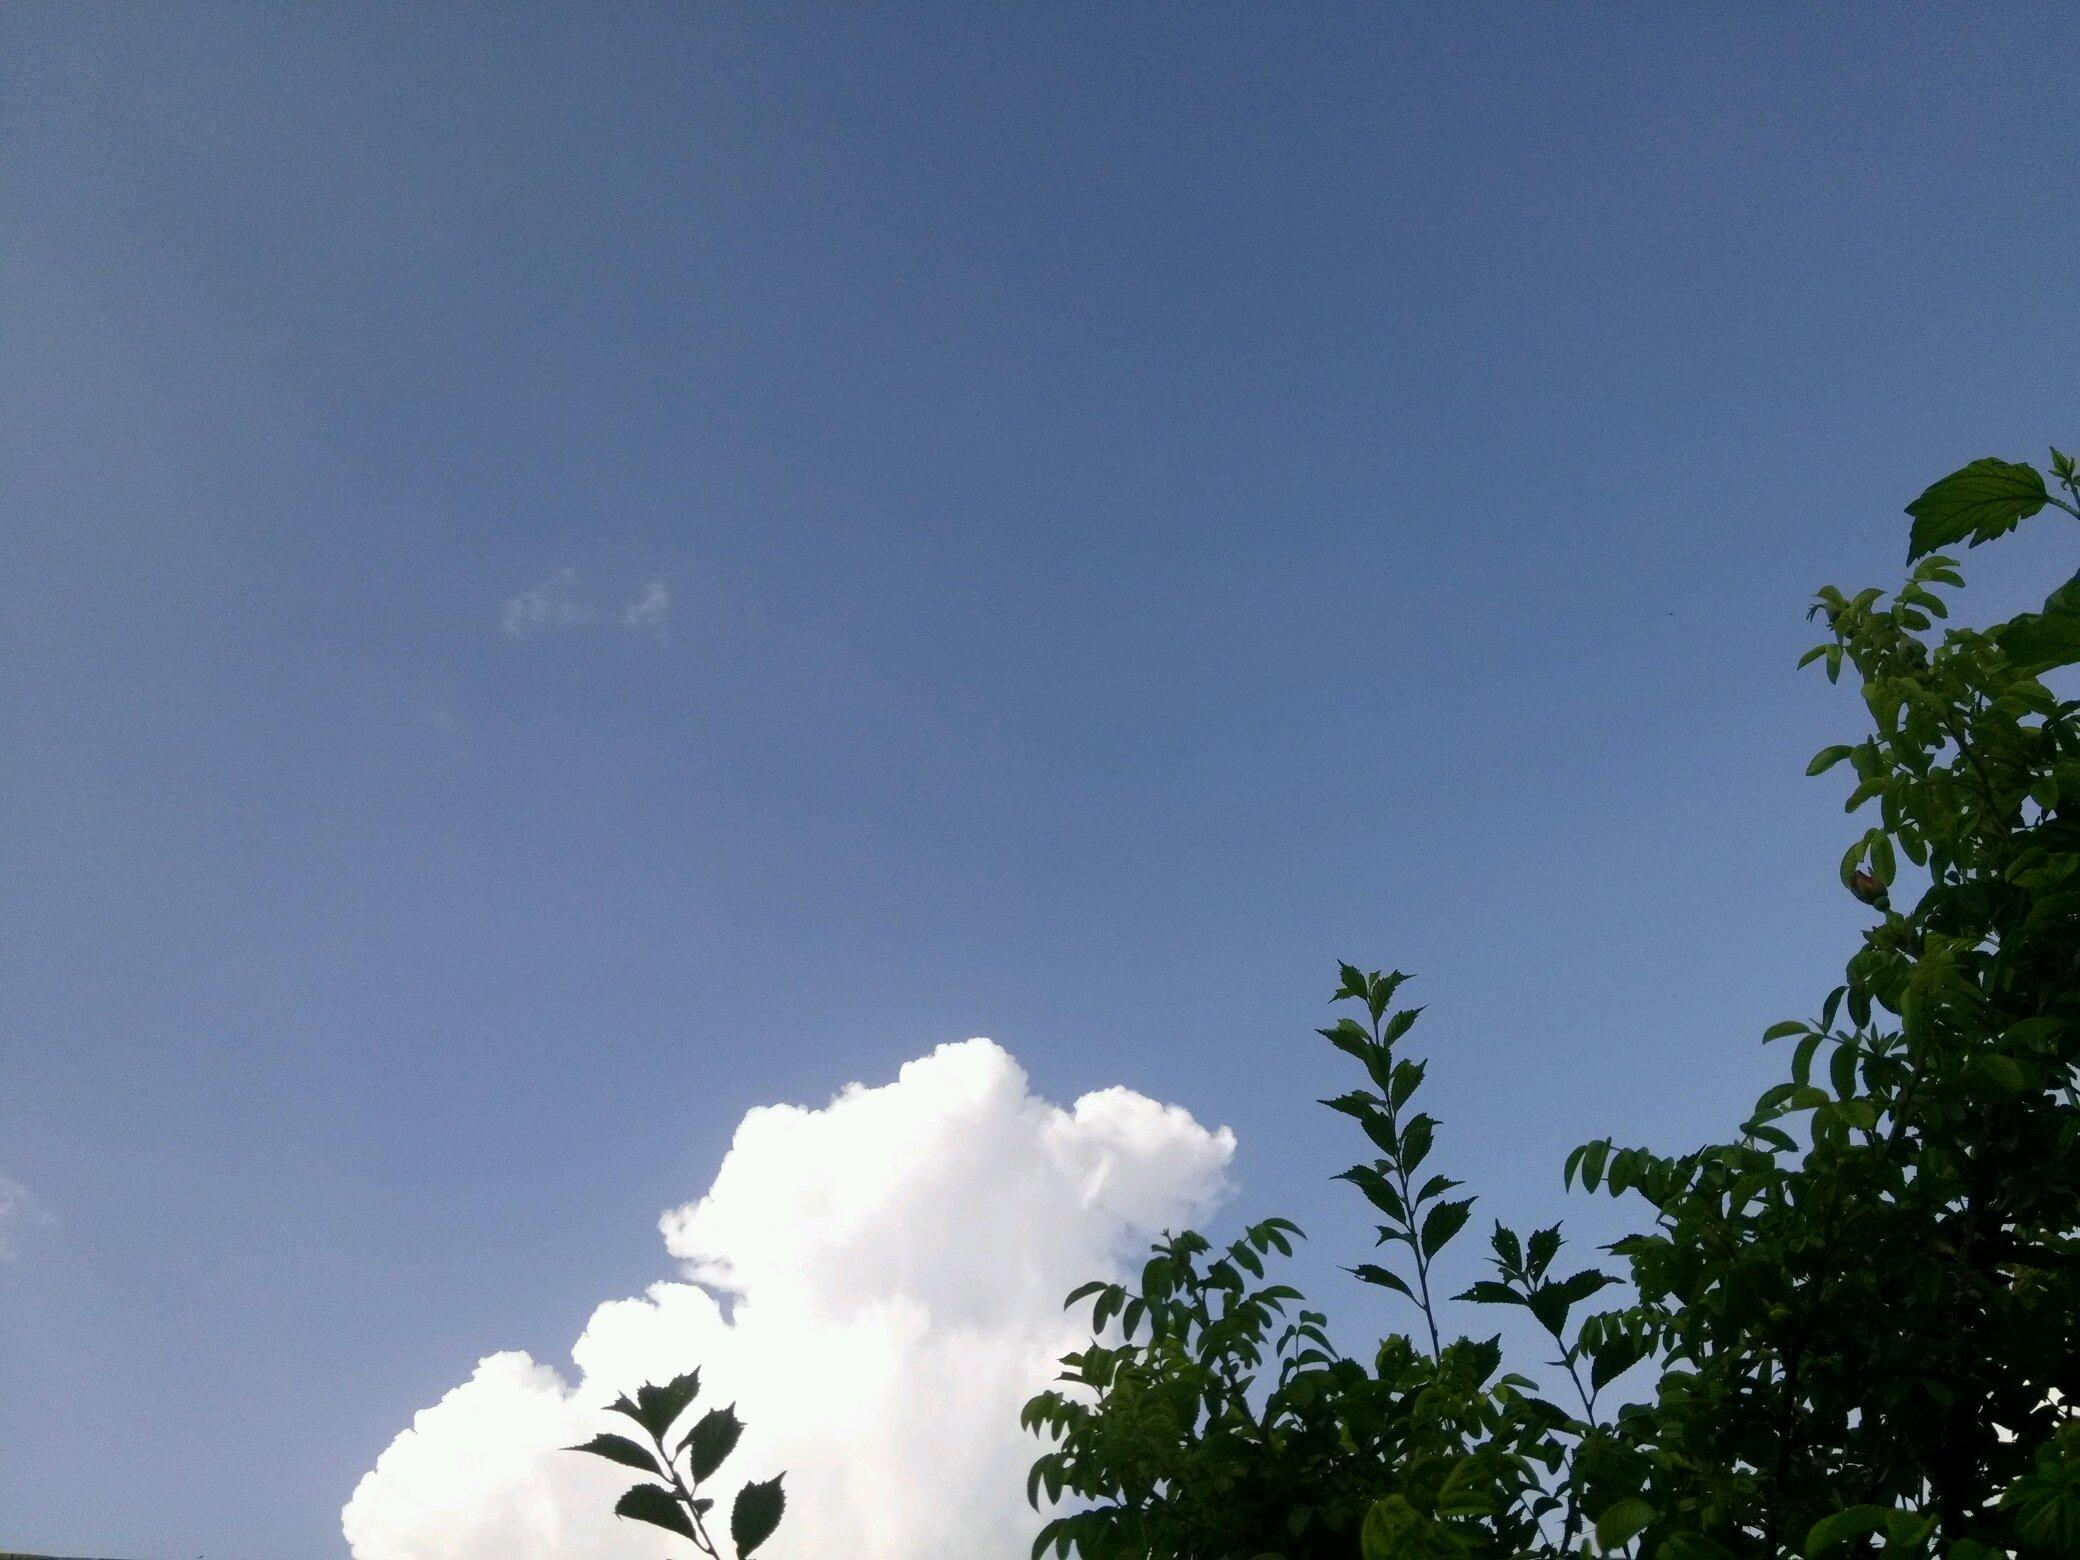 晴朗的天空图片